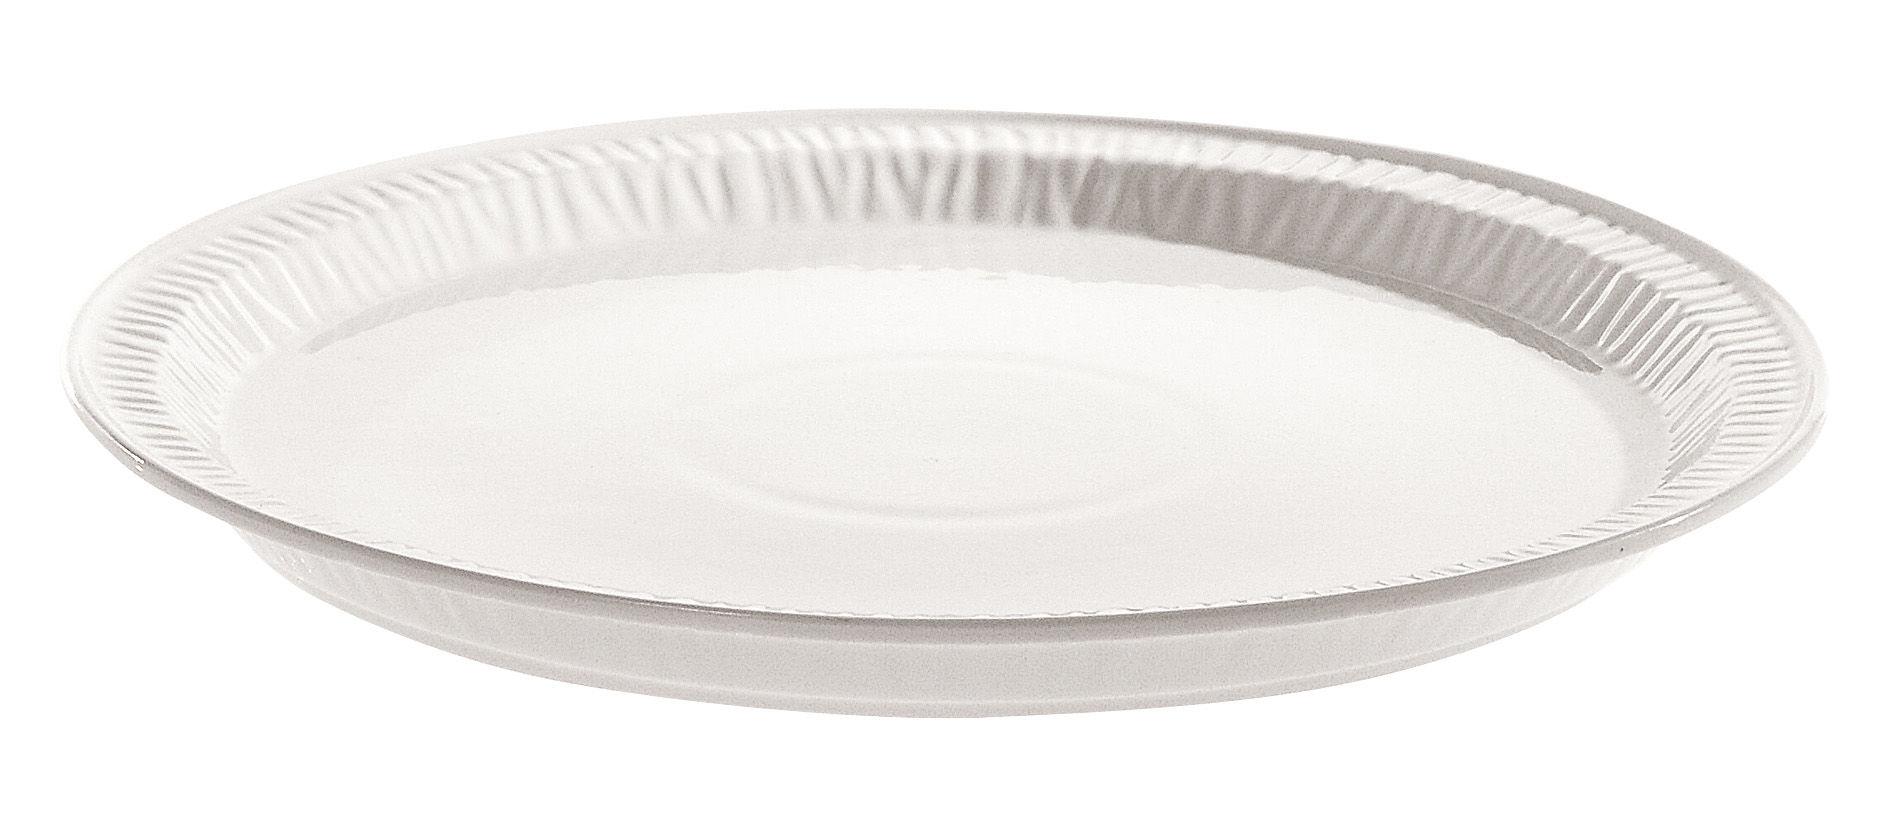 Tavola - Piatti  - Piatto Estetico quotidiano - Ø 28 cm - In porcellana di Seletti - Bianco / Ø 28 cm - Porcellana